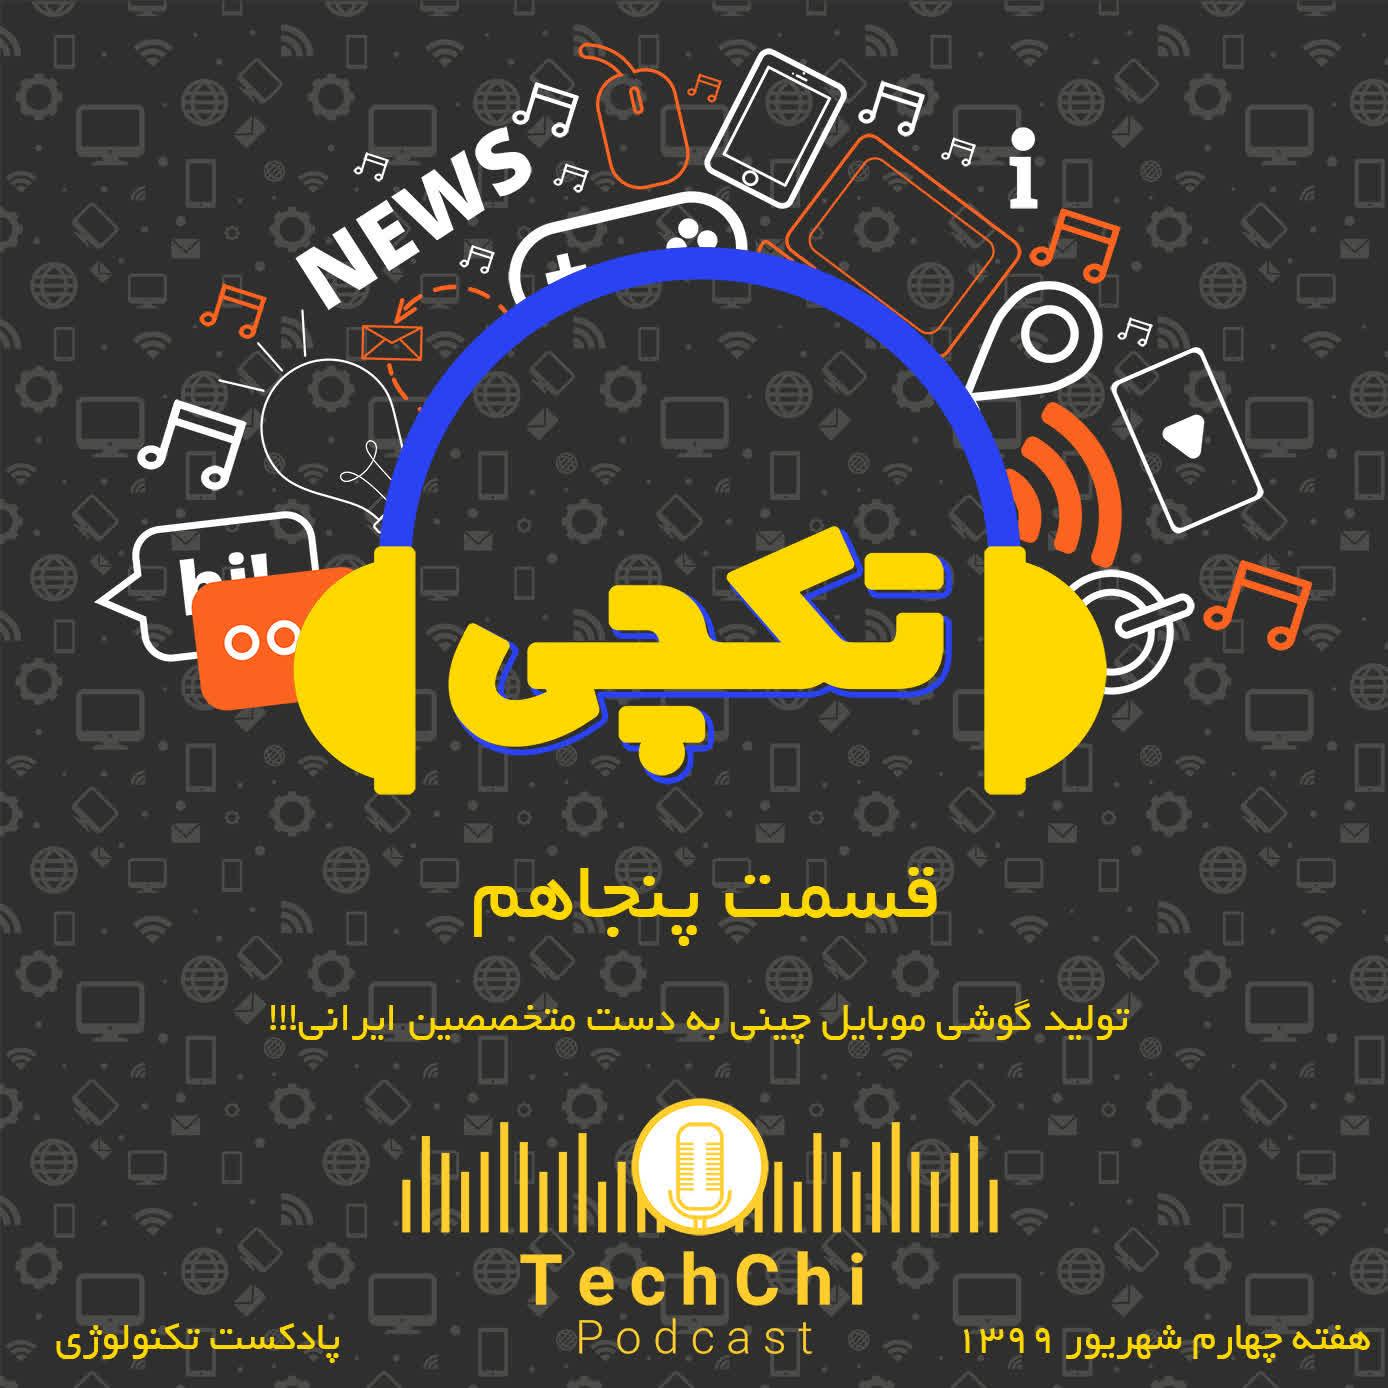 تکچی 50 - تولید گوشی موبایل چینی به دست متخصصین ایرانی!